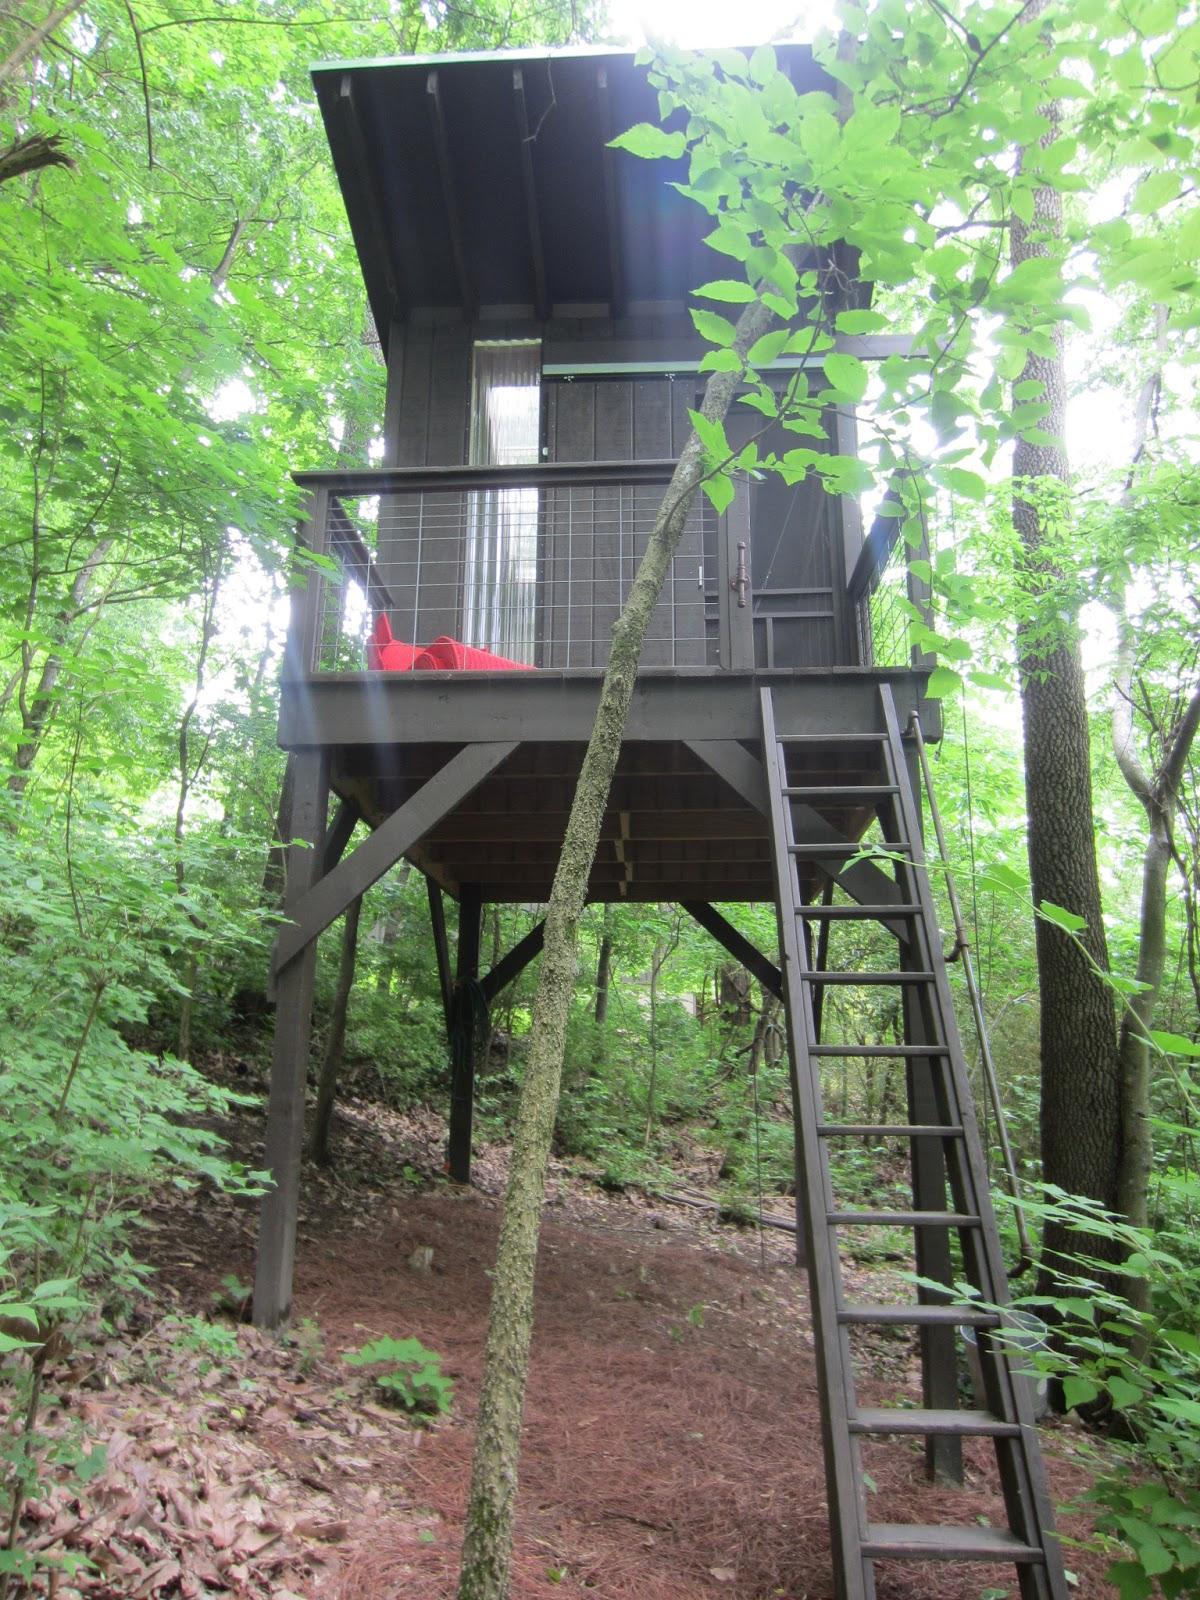 Relaxshacks A Modern Tree House Tiny Stilt House In